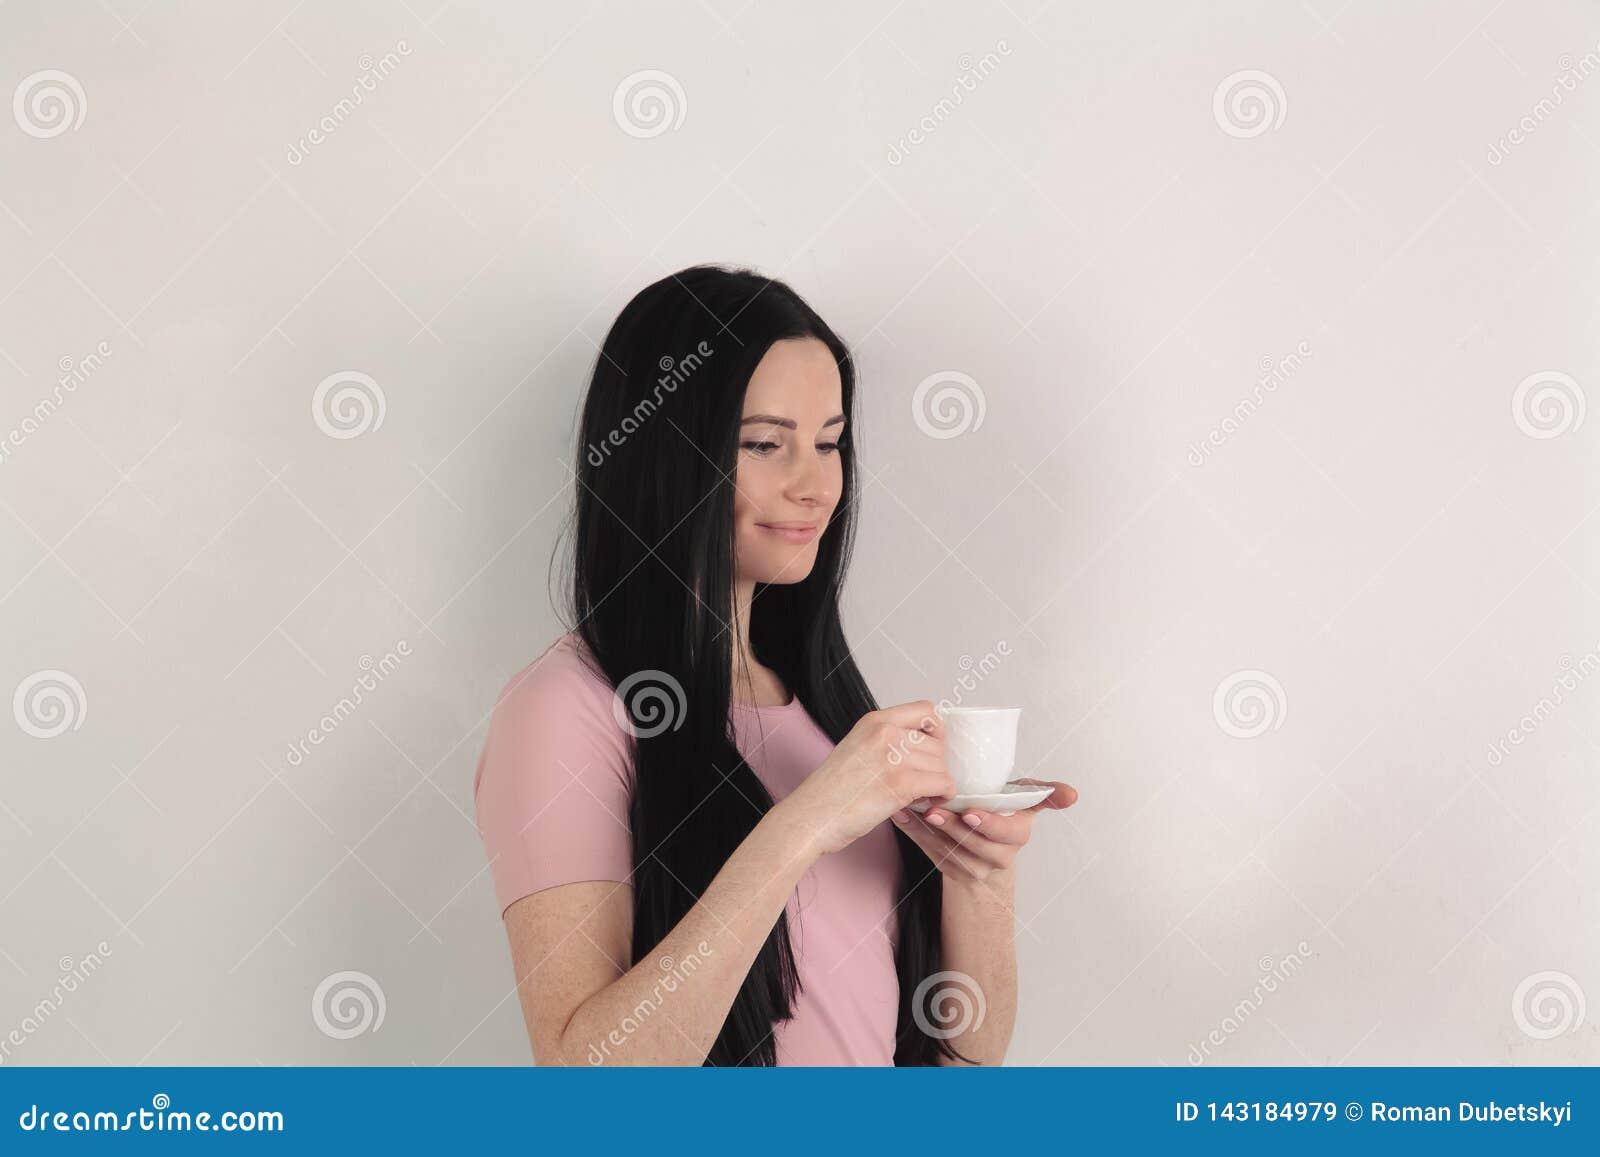 Piękna brunetka z długie włosy chwytami filiżanka kawy w jej rękach, stoi w profilu przeciw szaremu tłu